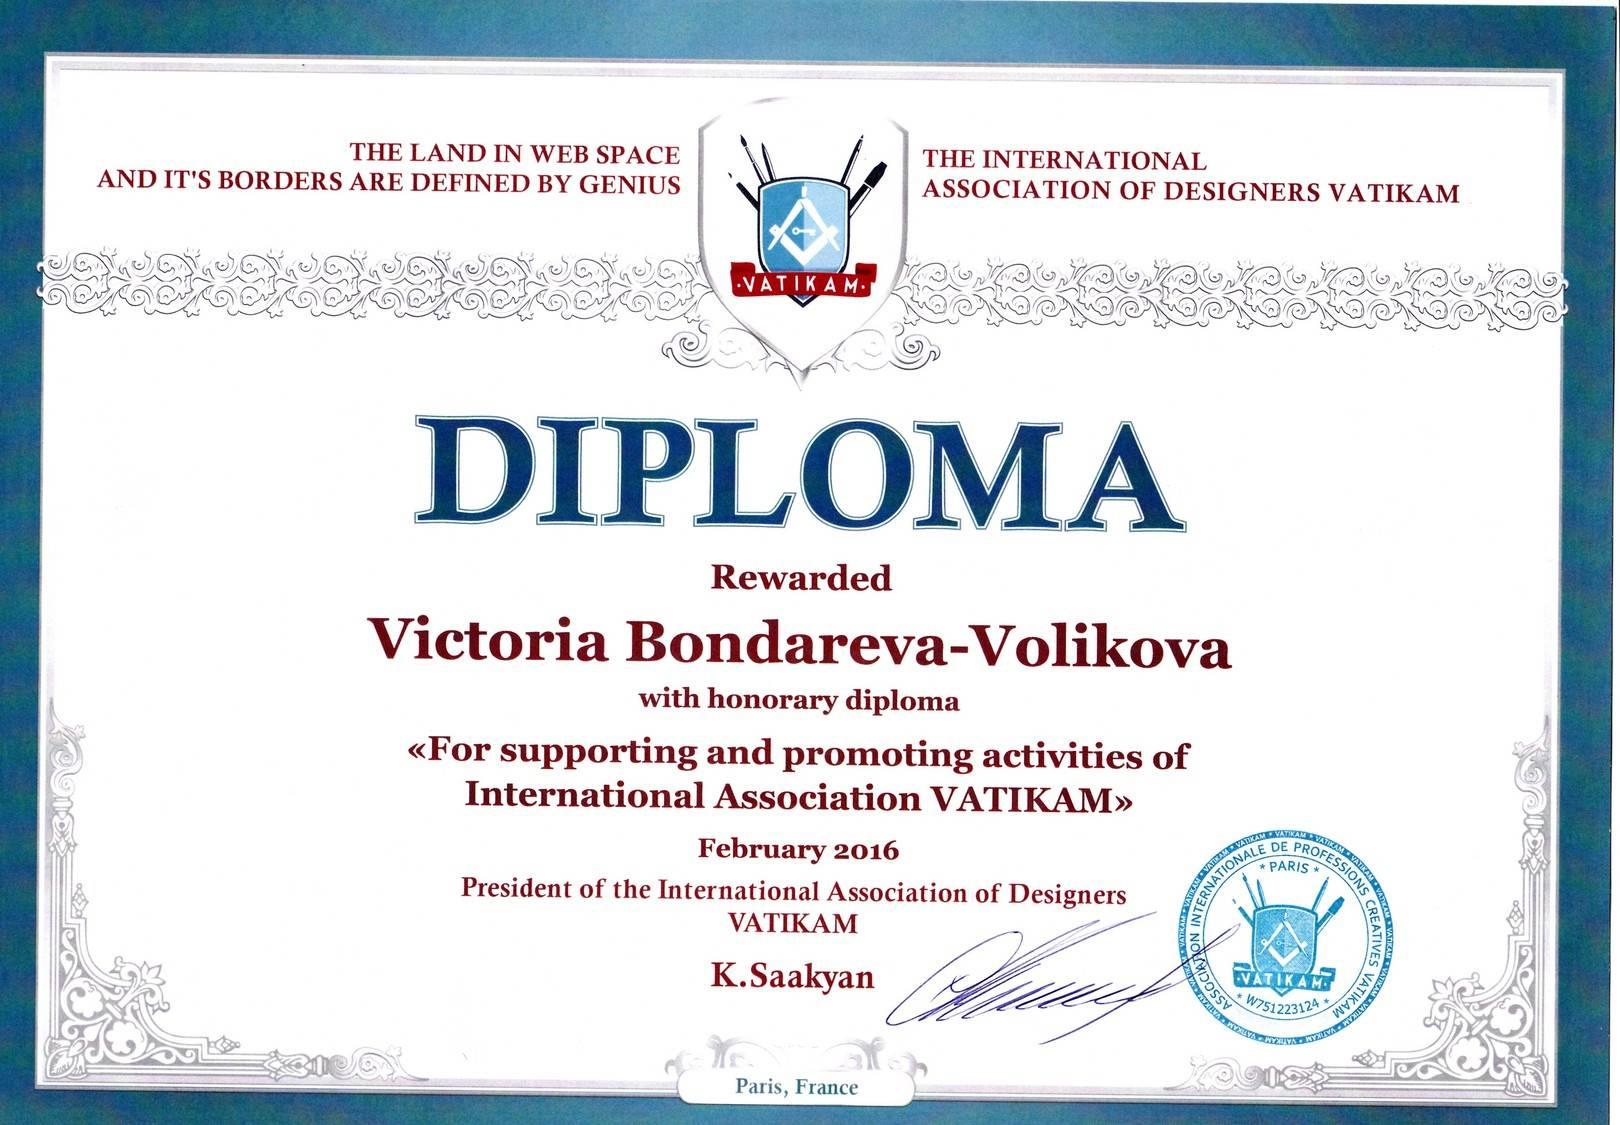 почетный диплом «За поддержку и продвижение деятельности Международной ассоциации VATIKAM».